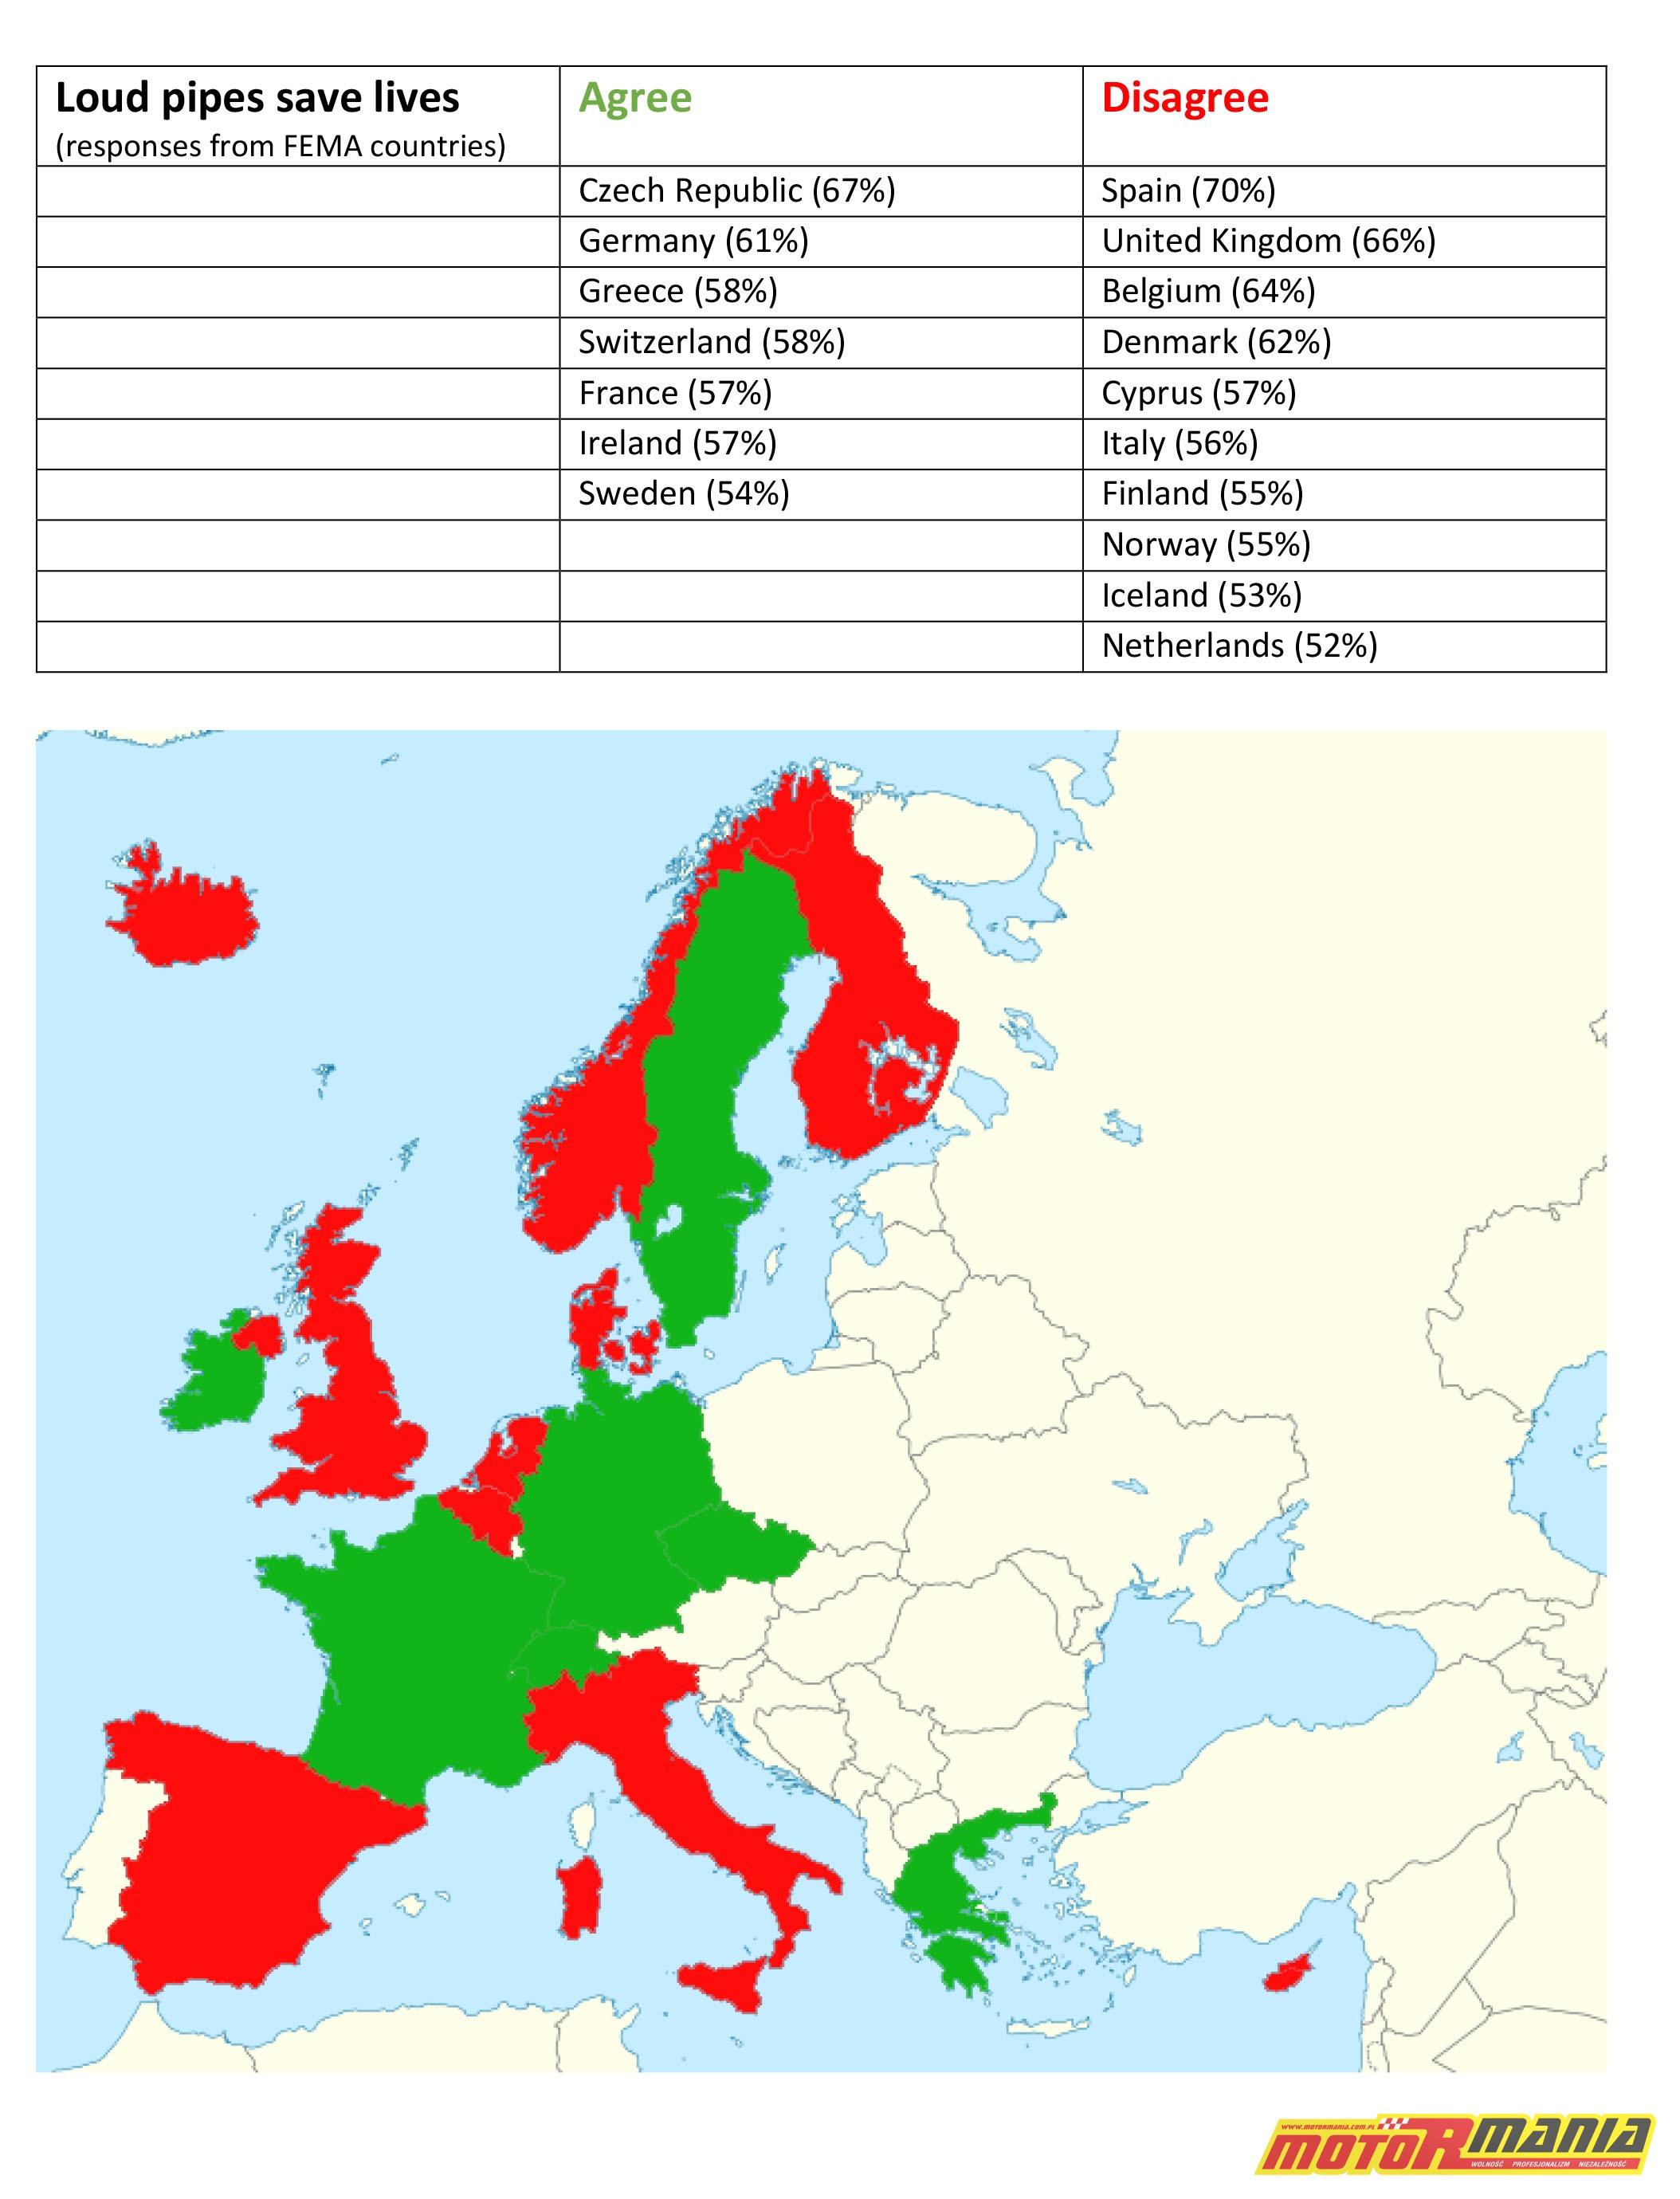 FEMA wydechy ankieta europa loud pipes save lives